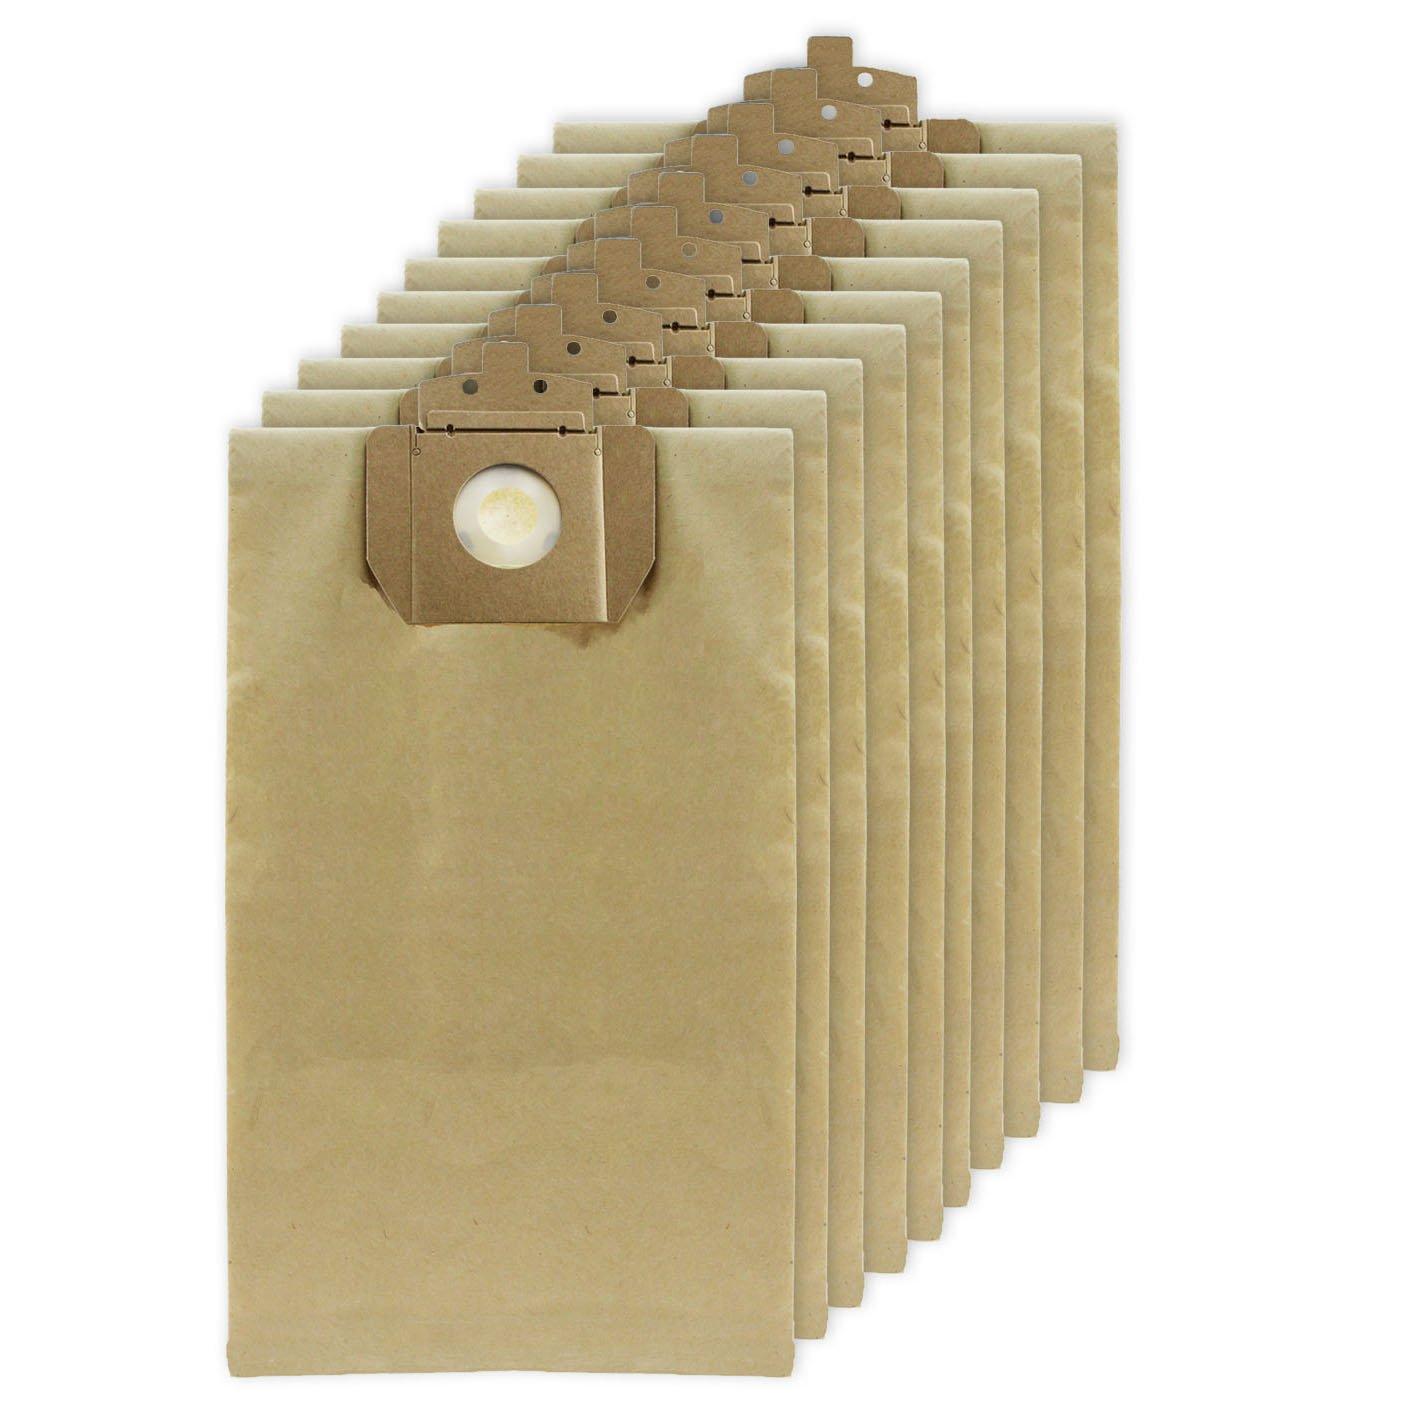 Spares2go solide Sacs à poussière pour aspirateur Taski Vento 1515S (lot de 5, 10, 15, 20+ désodorisants en option) 5 Bags 20+ désodorisants en option) 5 Bags